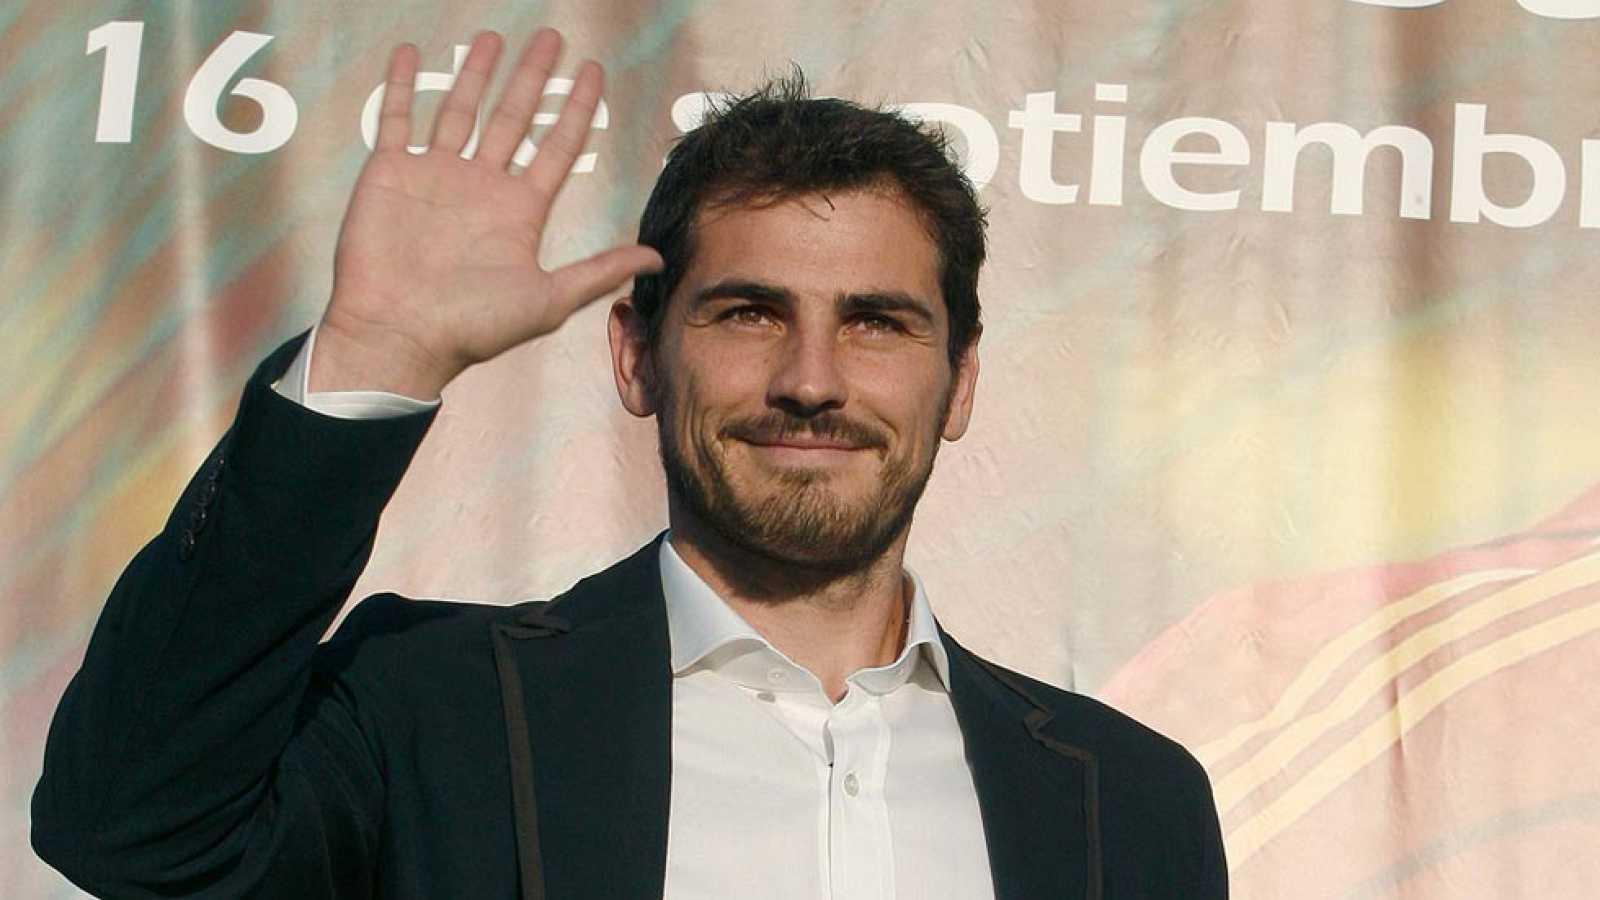 El actual portero del Real Madrid, Iker Casillas, jugará la próxima temporada en el FC Oporto de Julen Lopetqgui, después de 25 años en el equipo blanco, según ha podido saber TVE.